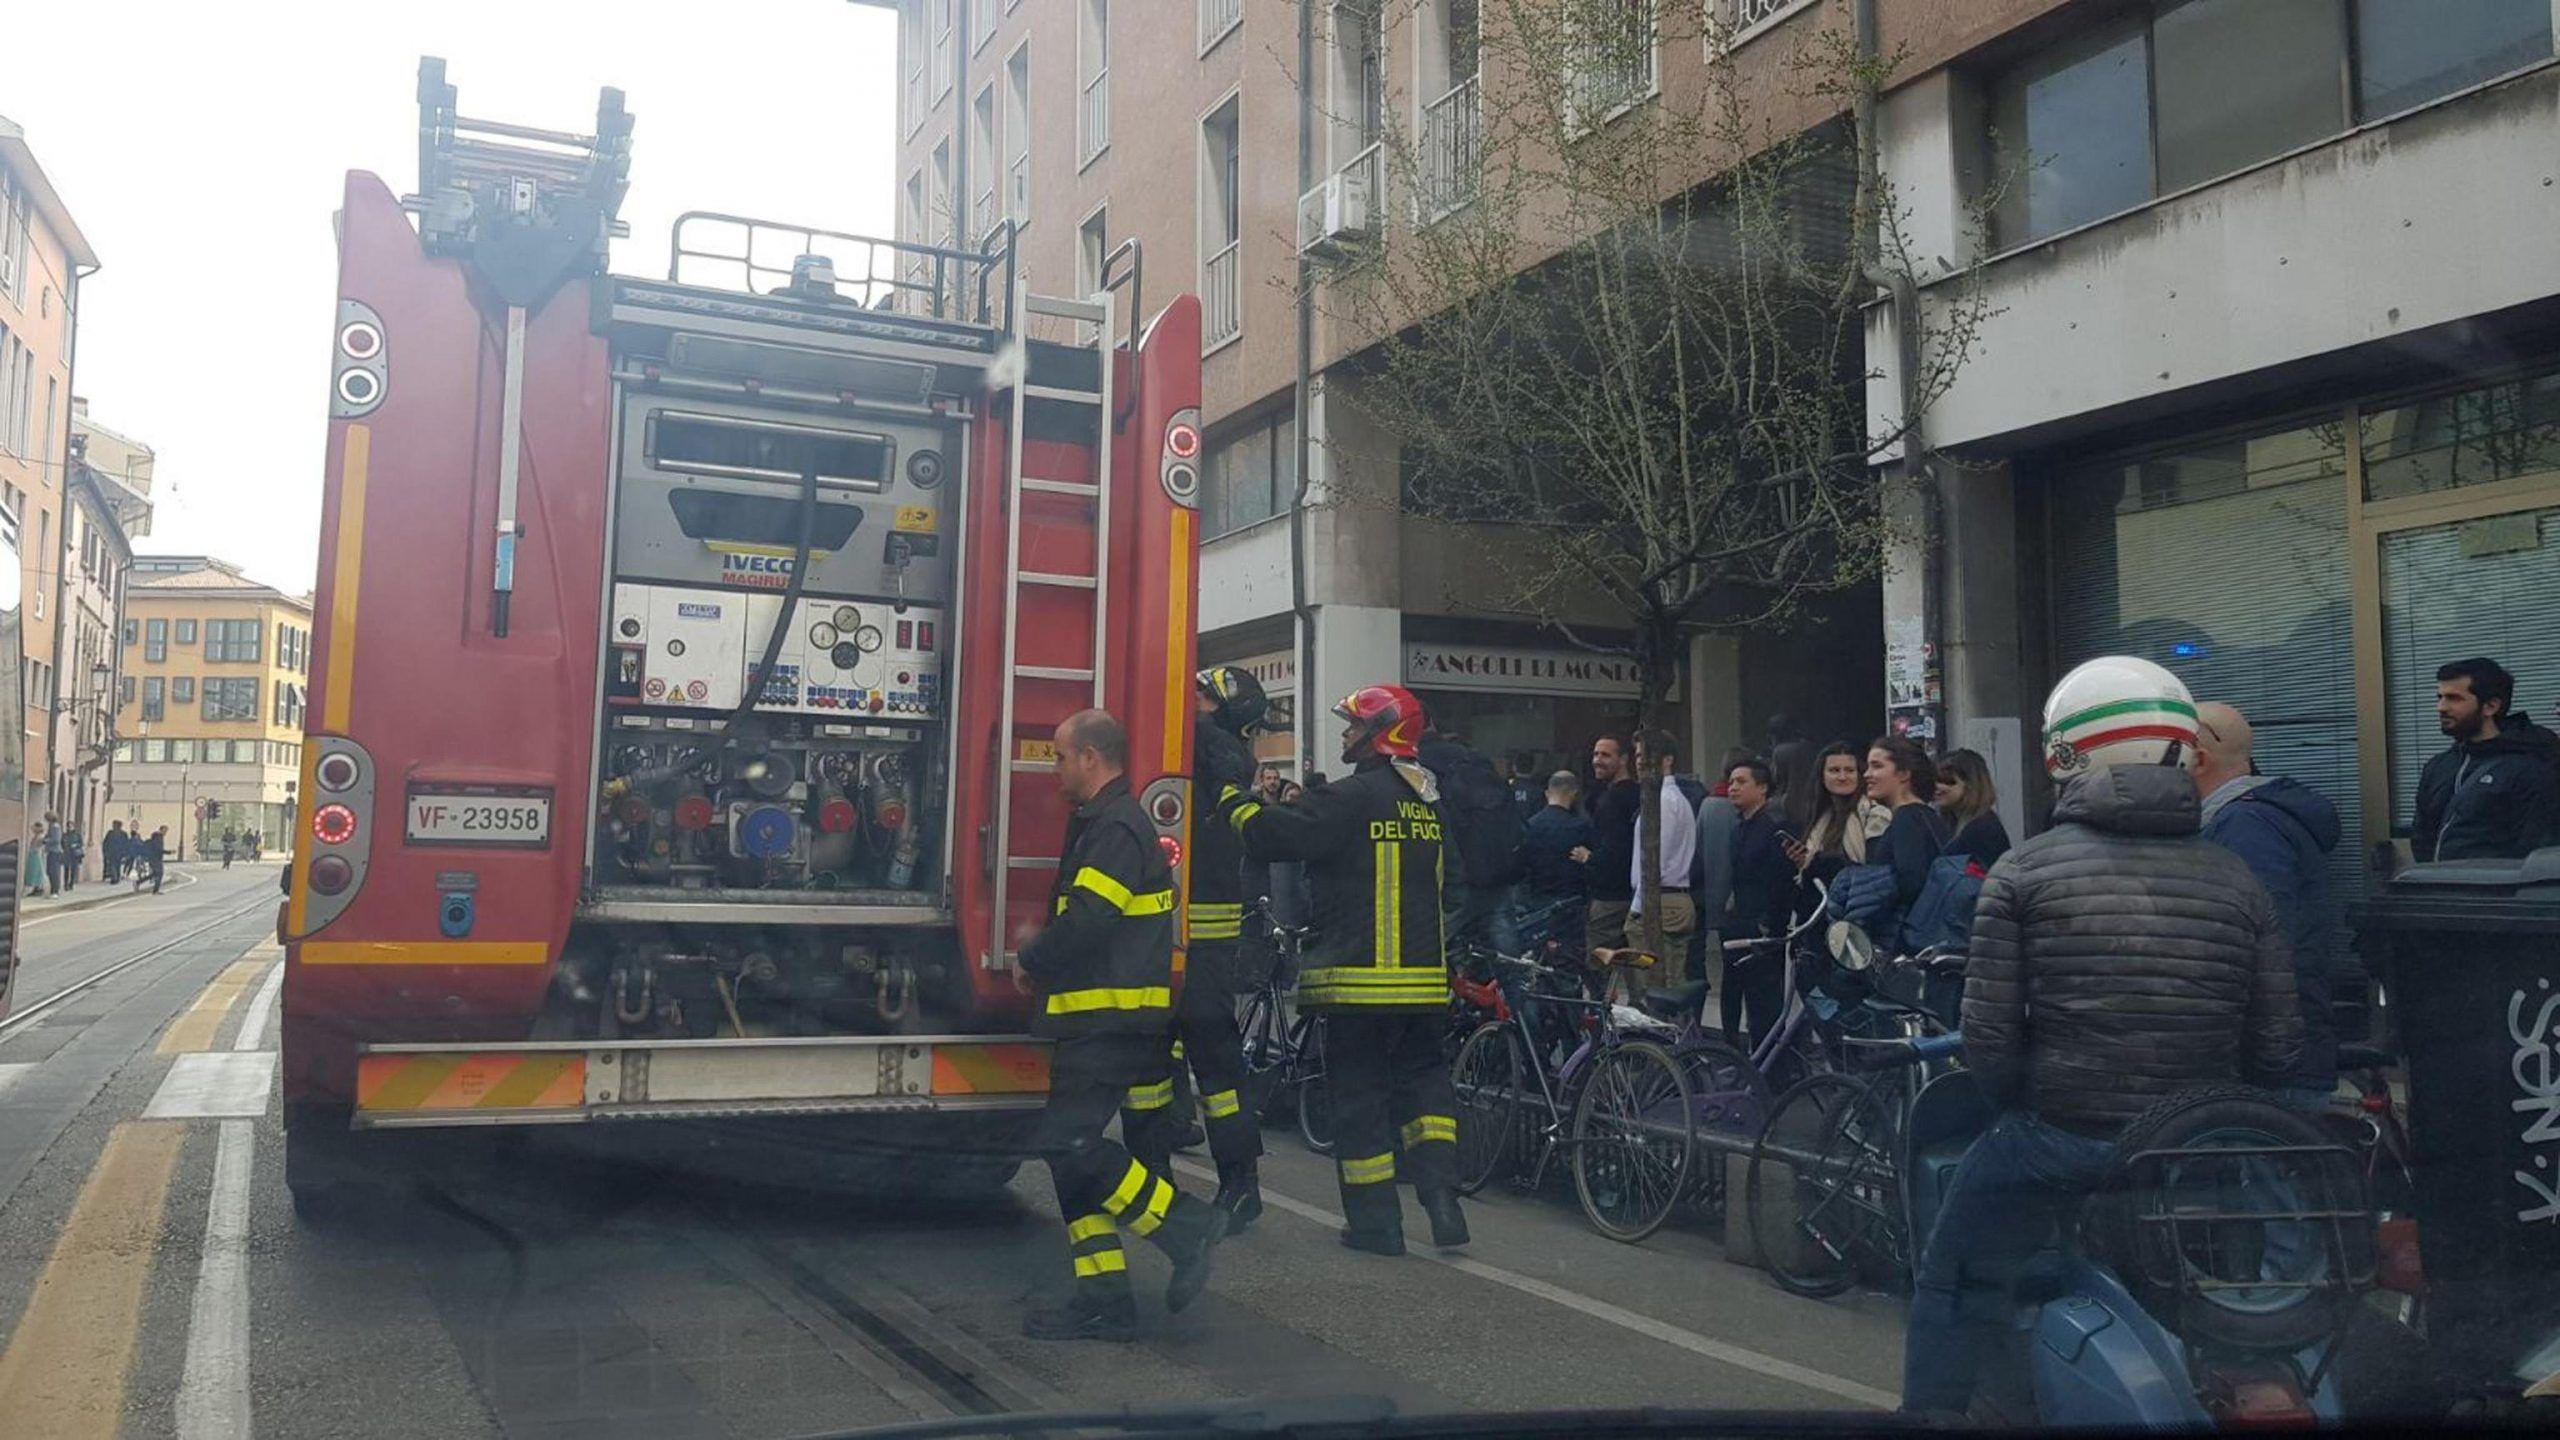 Casa in fiamme a Padova madre e figlio trovati morti abbracciati